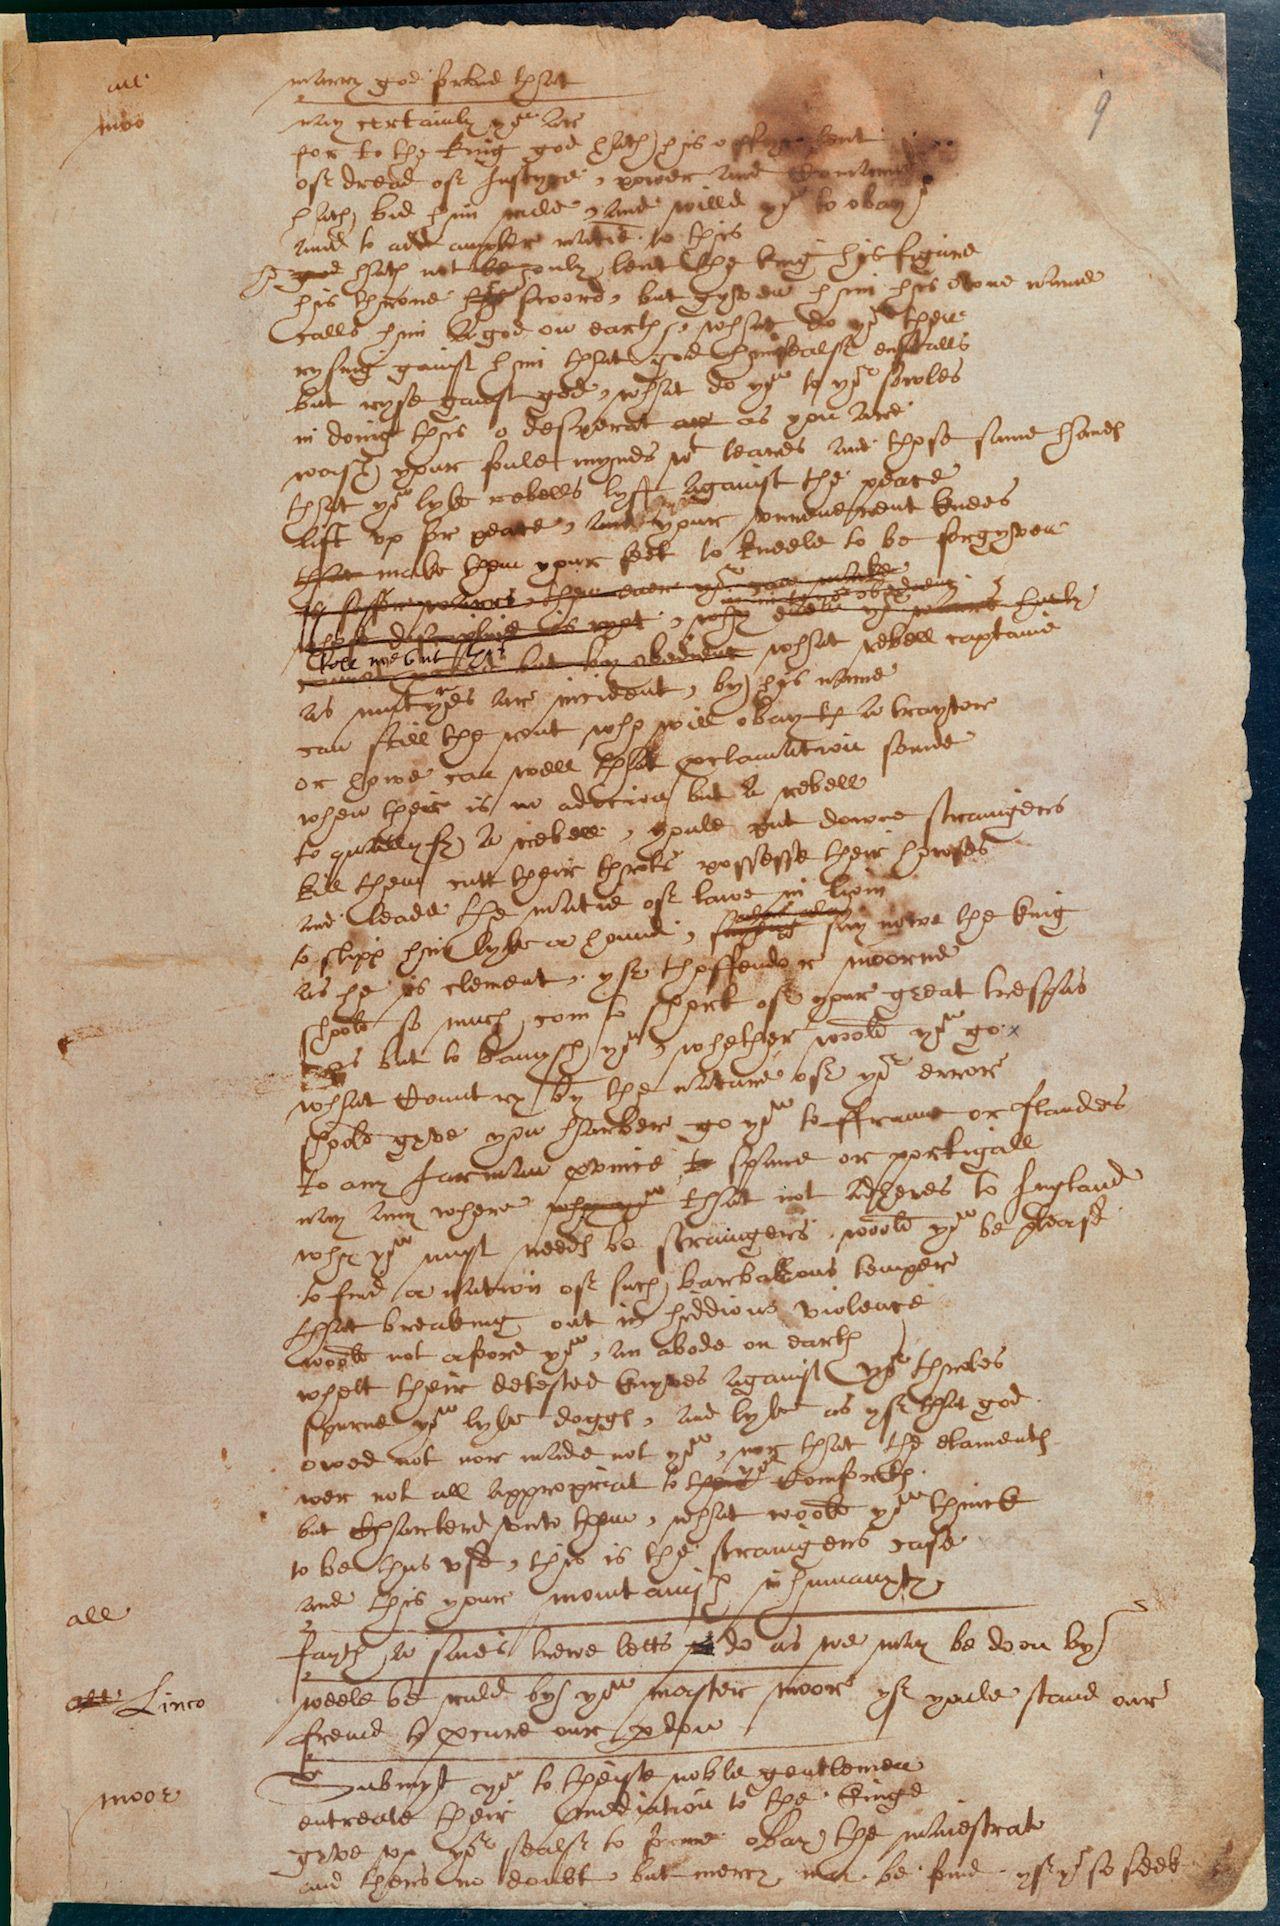 рукопись Шекспира